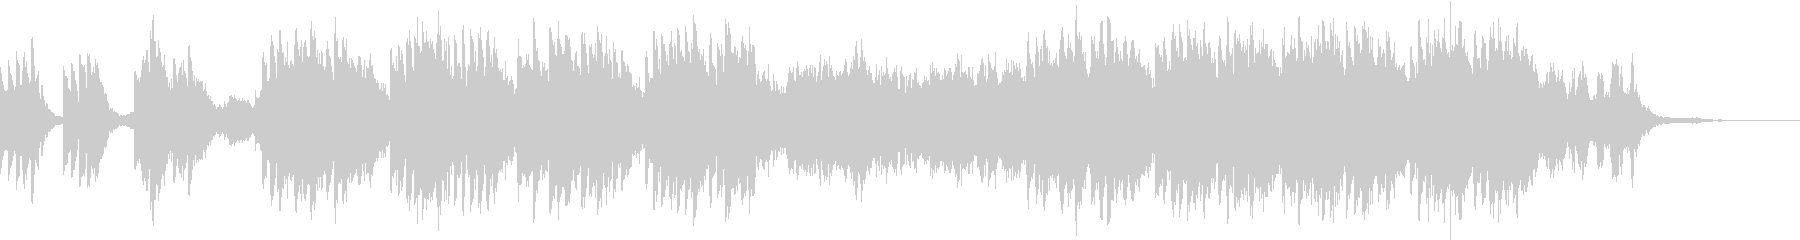 不気味で不穏な雰囲気のホラーBGMの未再生の波形